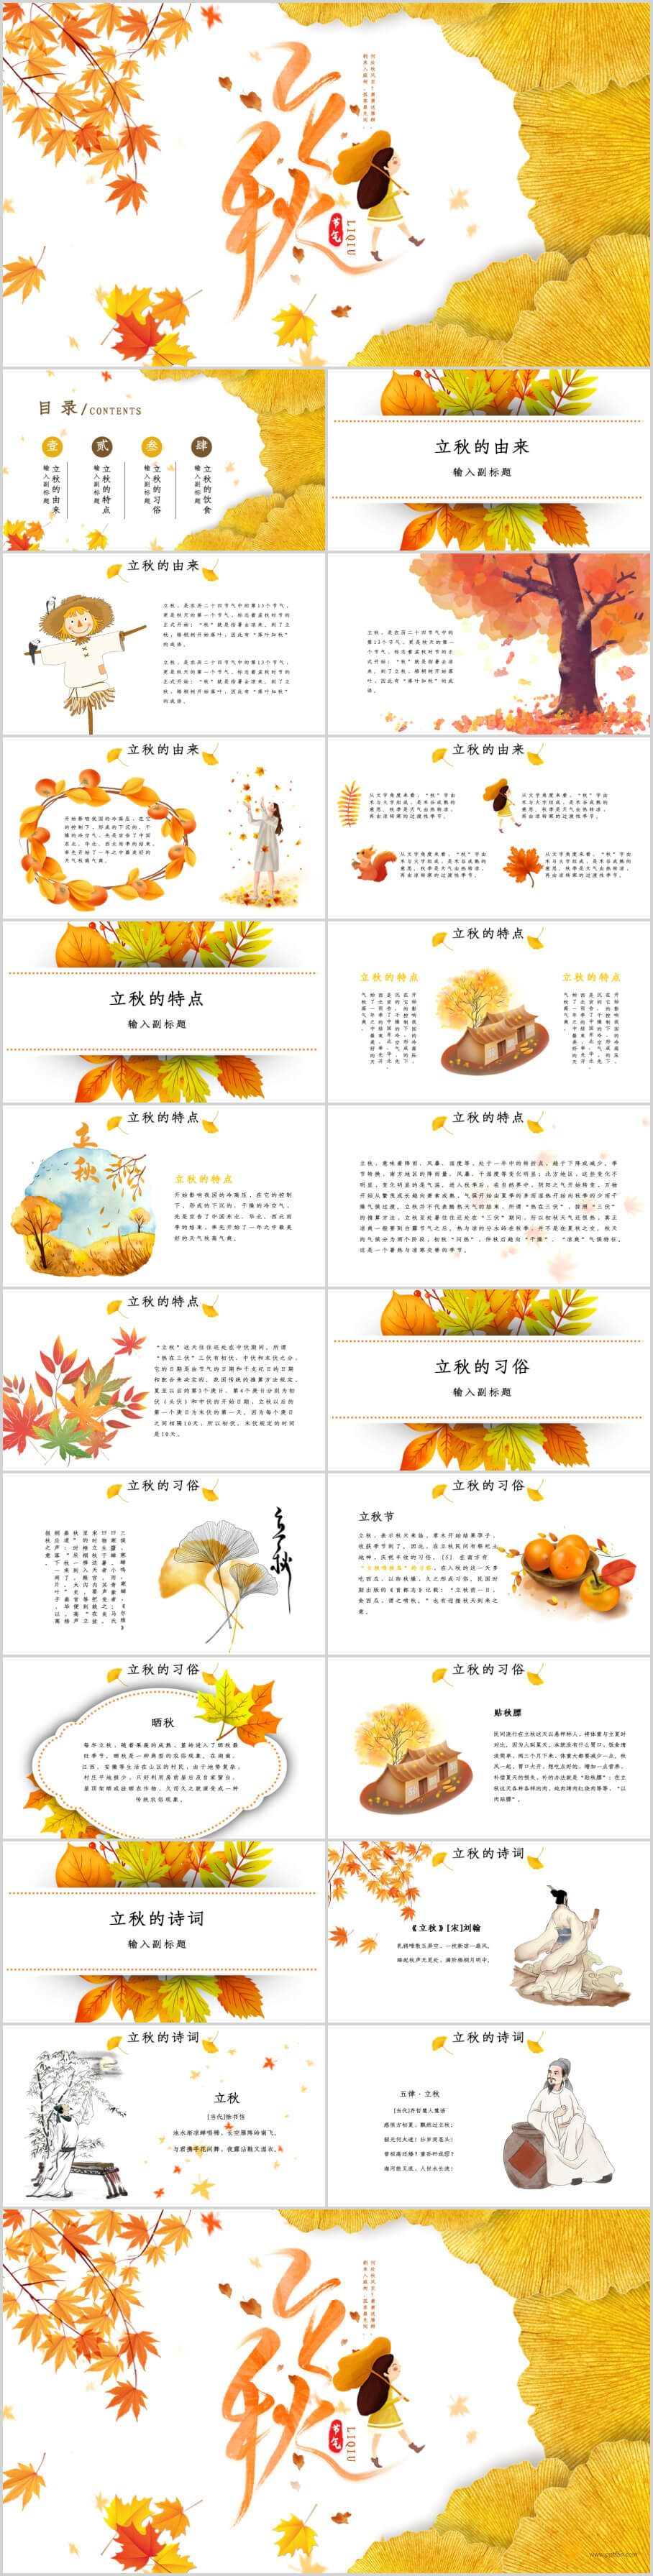 黄色小清新传统节日二十四节气之立秋节气介绍PPT通用模板